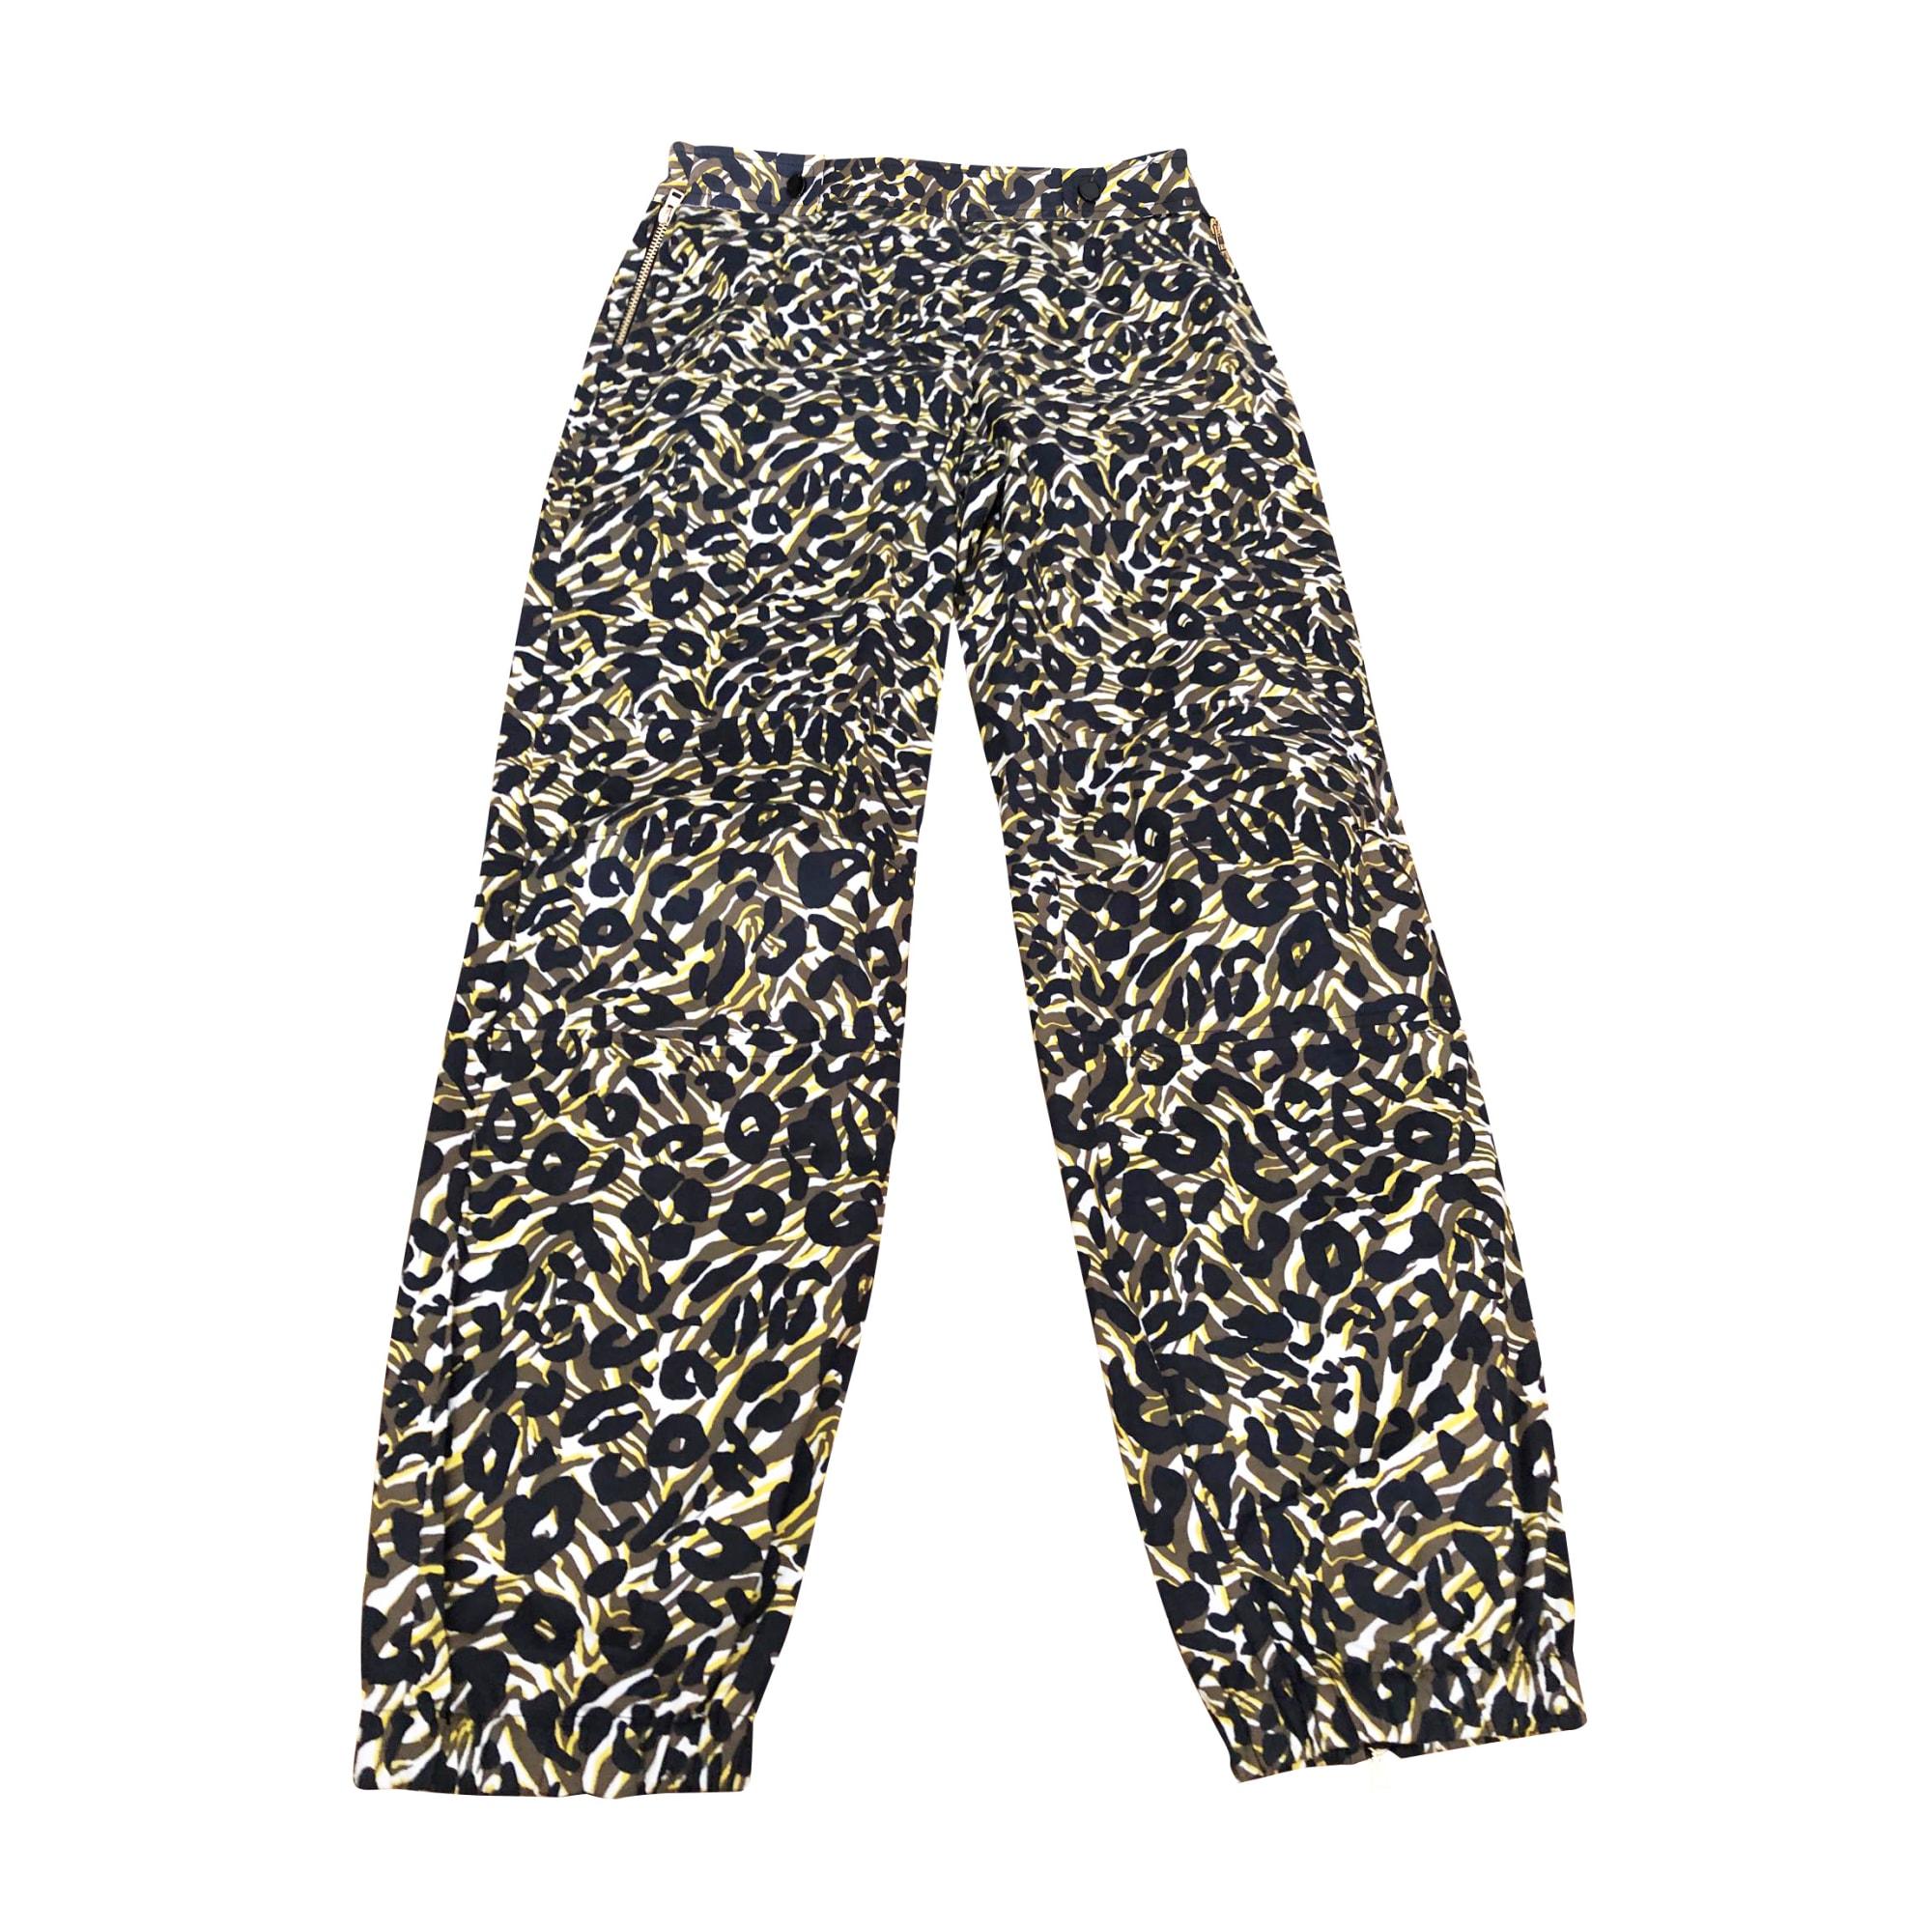 Pantalon droit MISSONI Imprimés animaliers